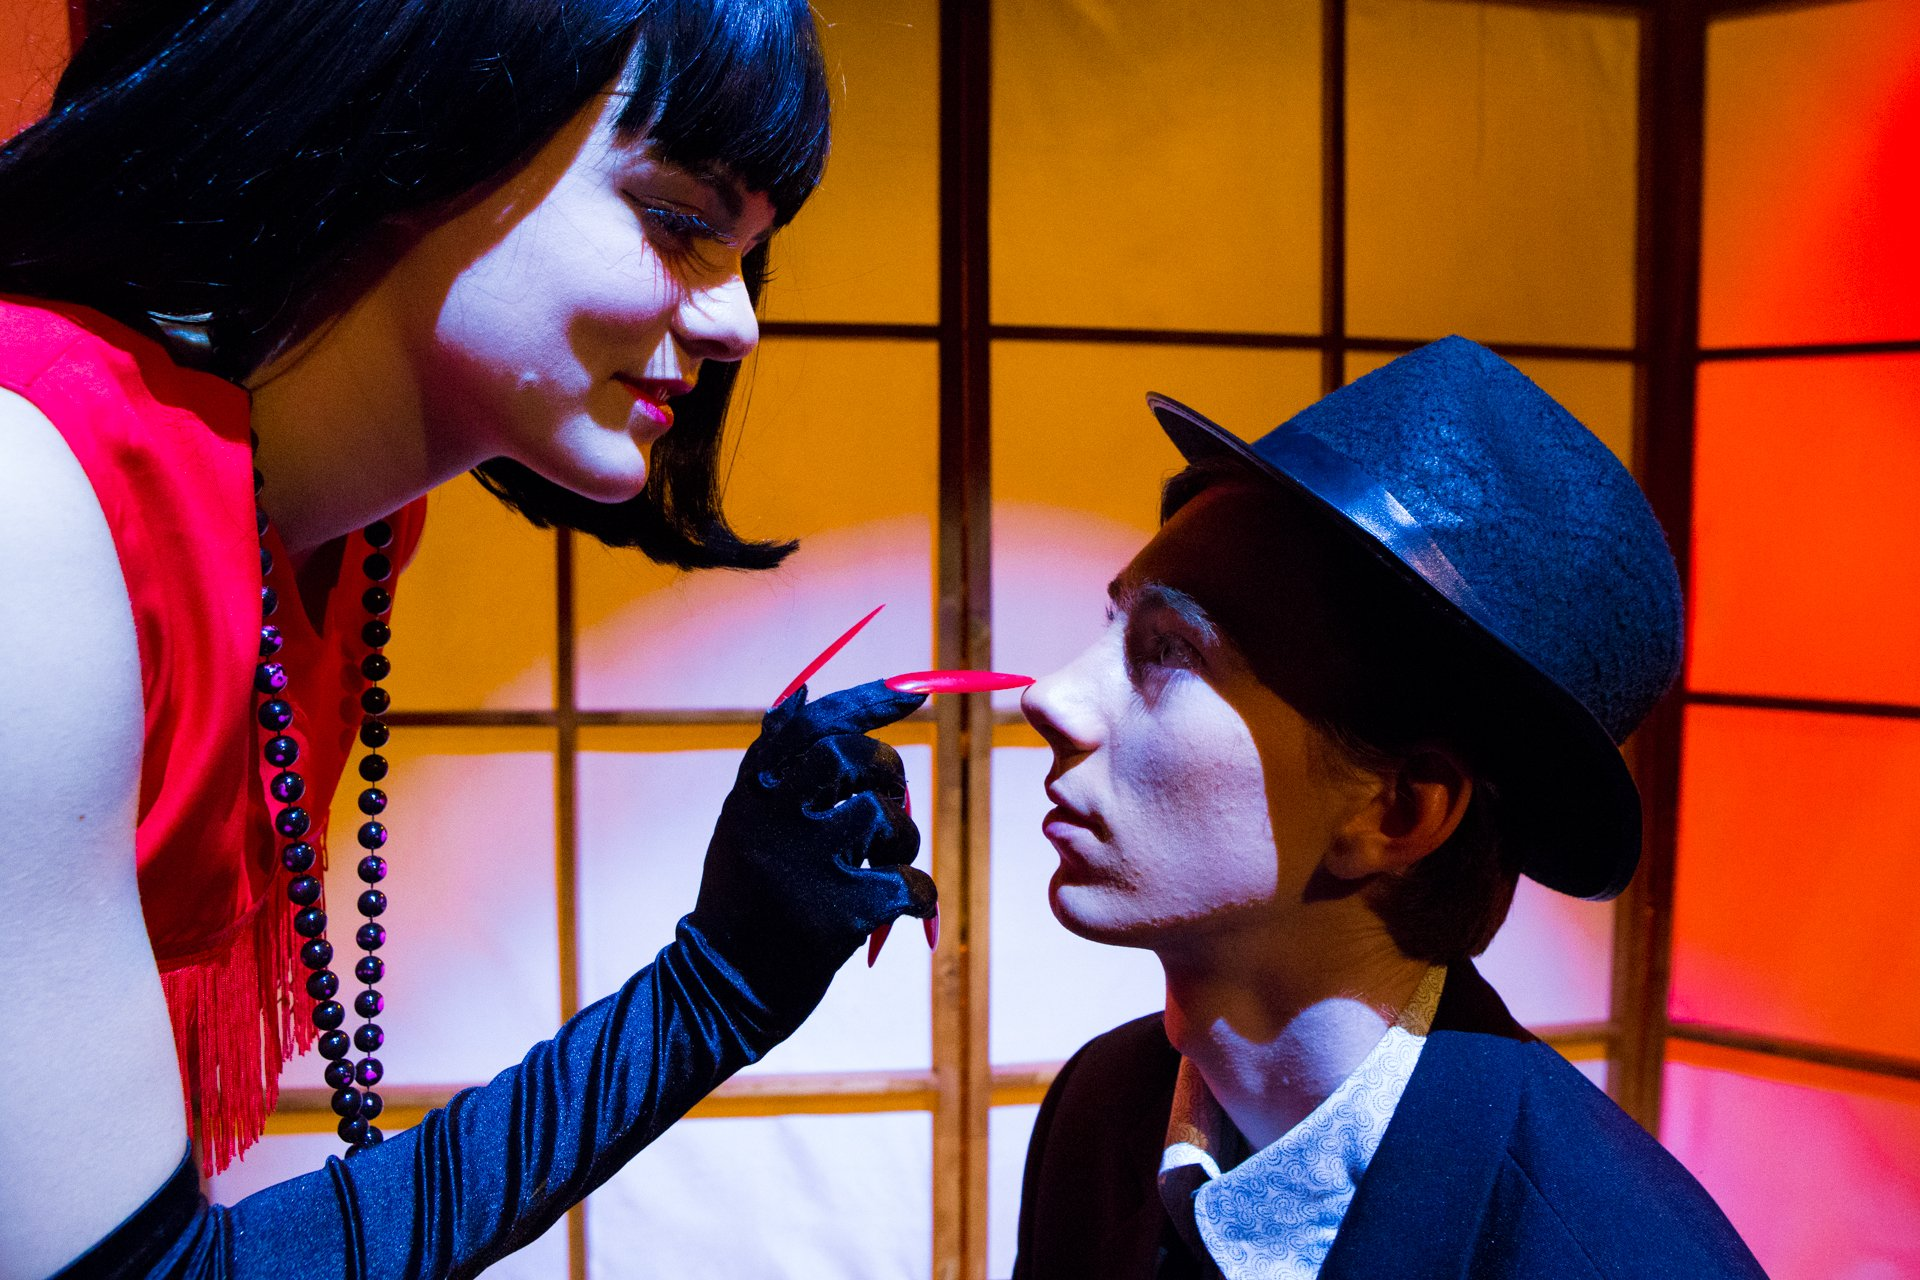 Teater stillfoto. Femme fatale med lange røde negle og paralyseret mand